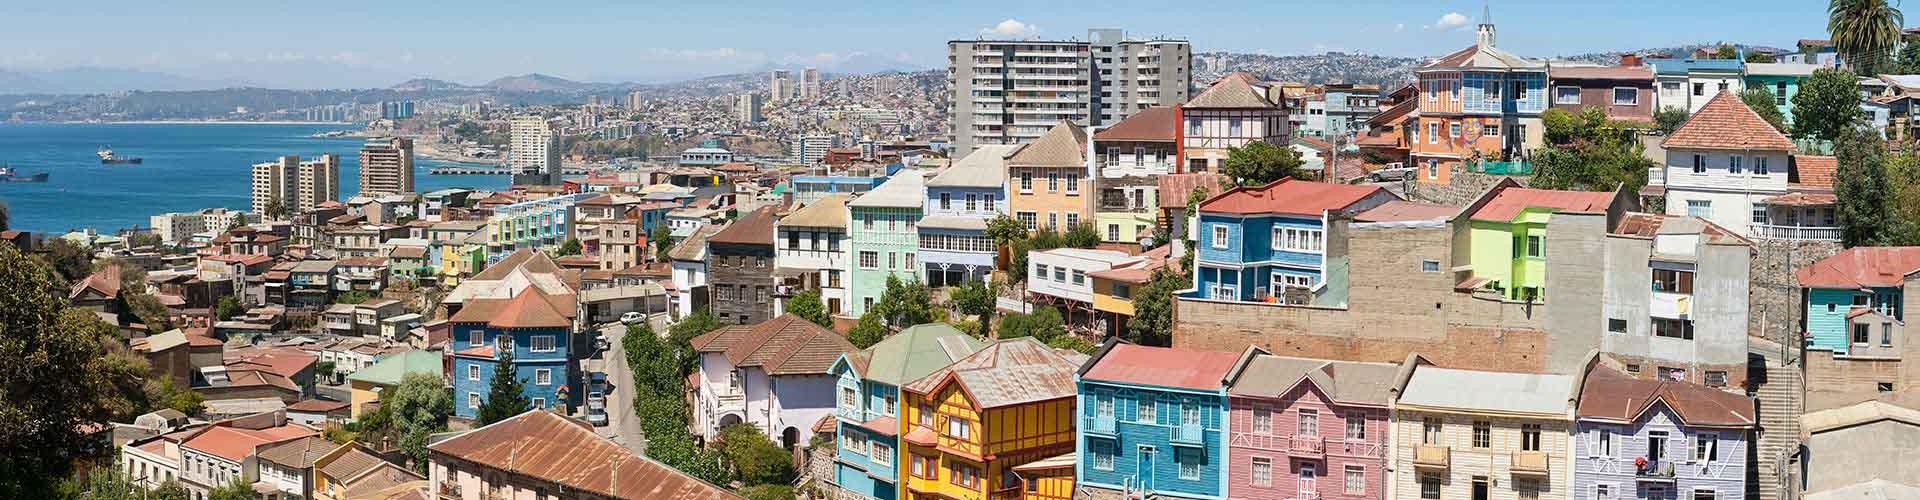 Valparaiso - Ifjúsági Szállások Valparaisoben. Valparaiso térképek, fotók és ajánlások minden egyes ifjúsági szállásokra Valparaiso-ben.